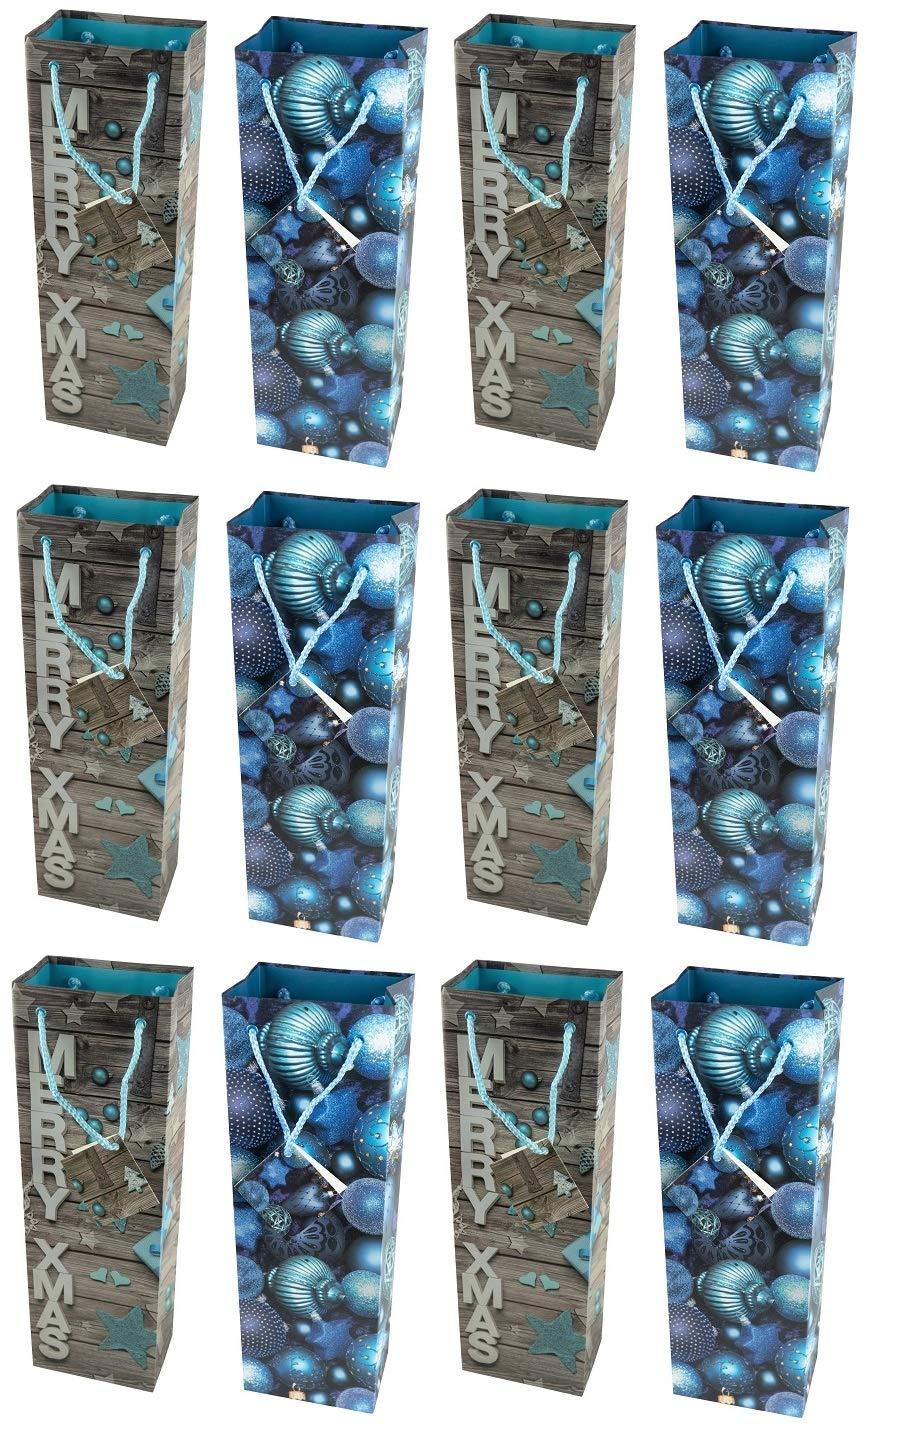 12 Stück Geschenktüte Flaschentüte, Weihnachten, Jumbo, 36 x 12 x 8cm HRB